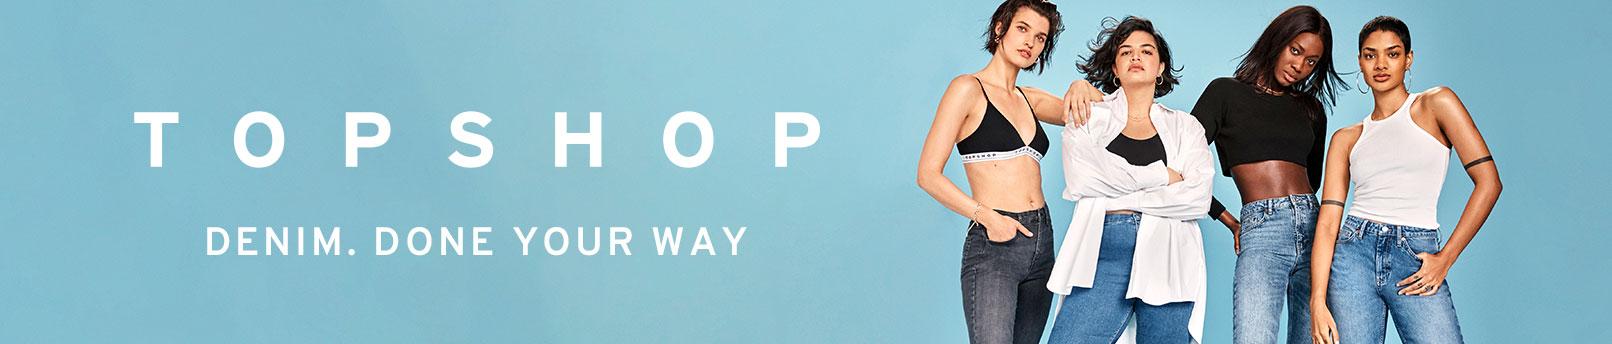 Shop Topshop